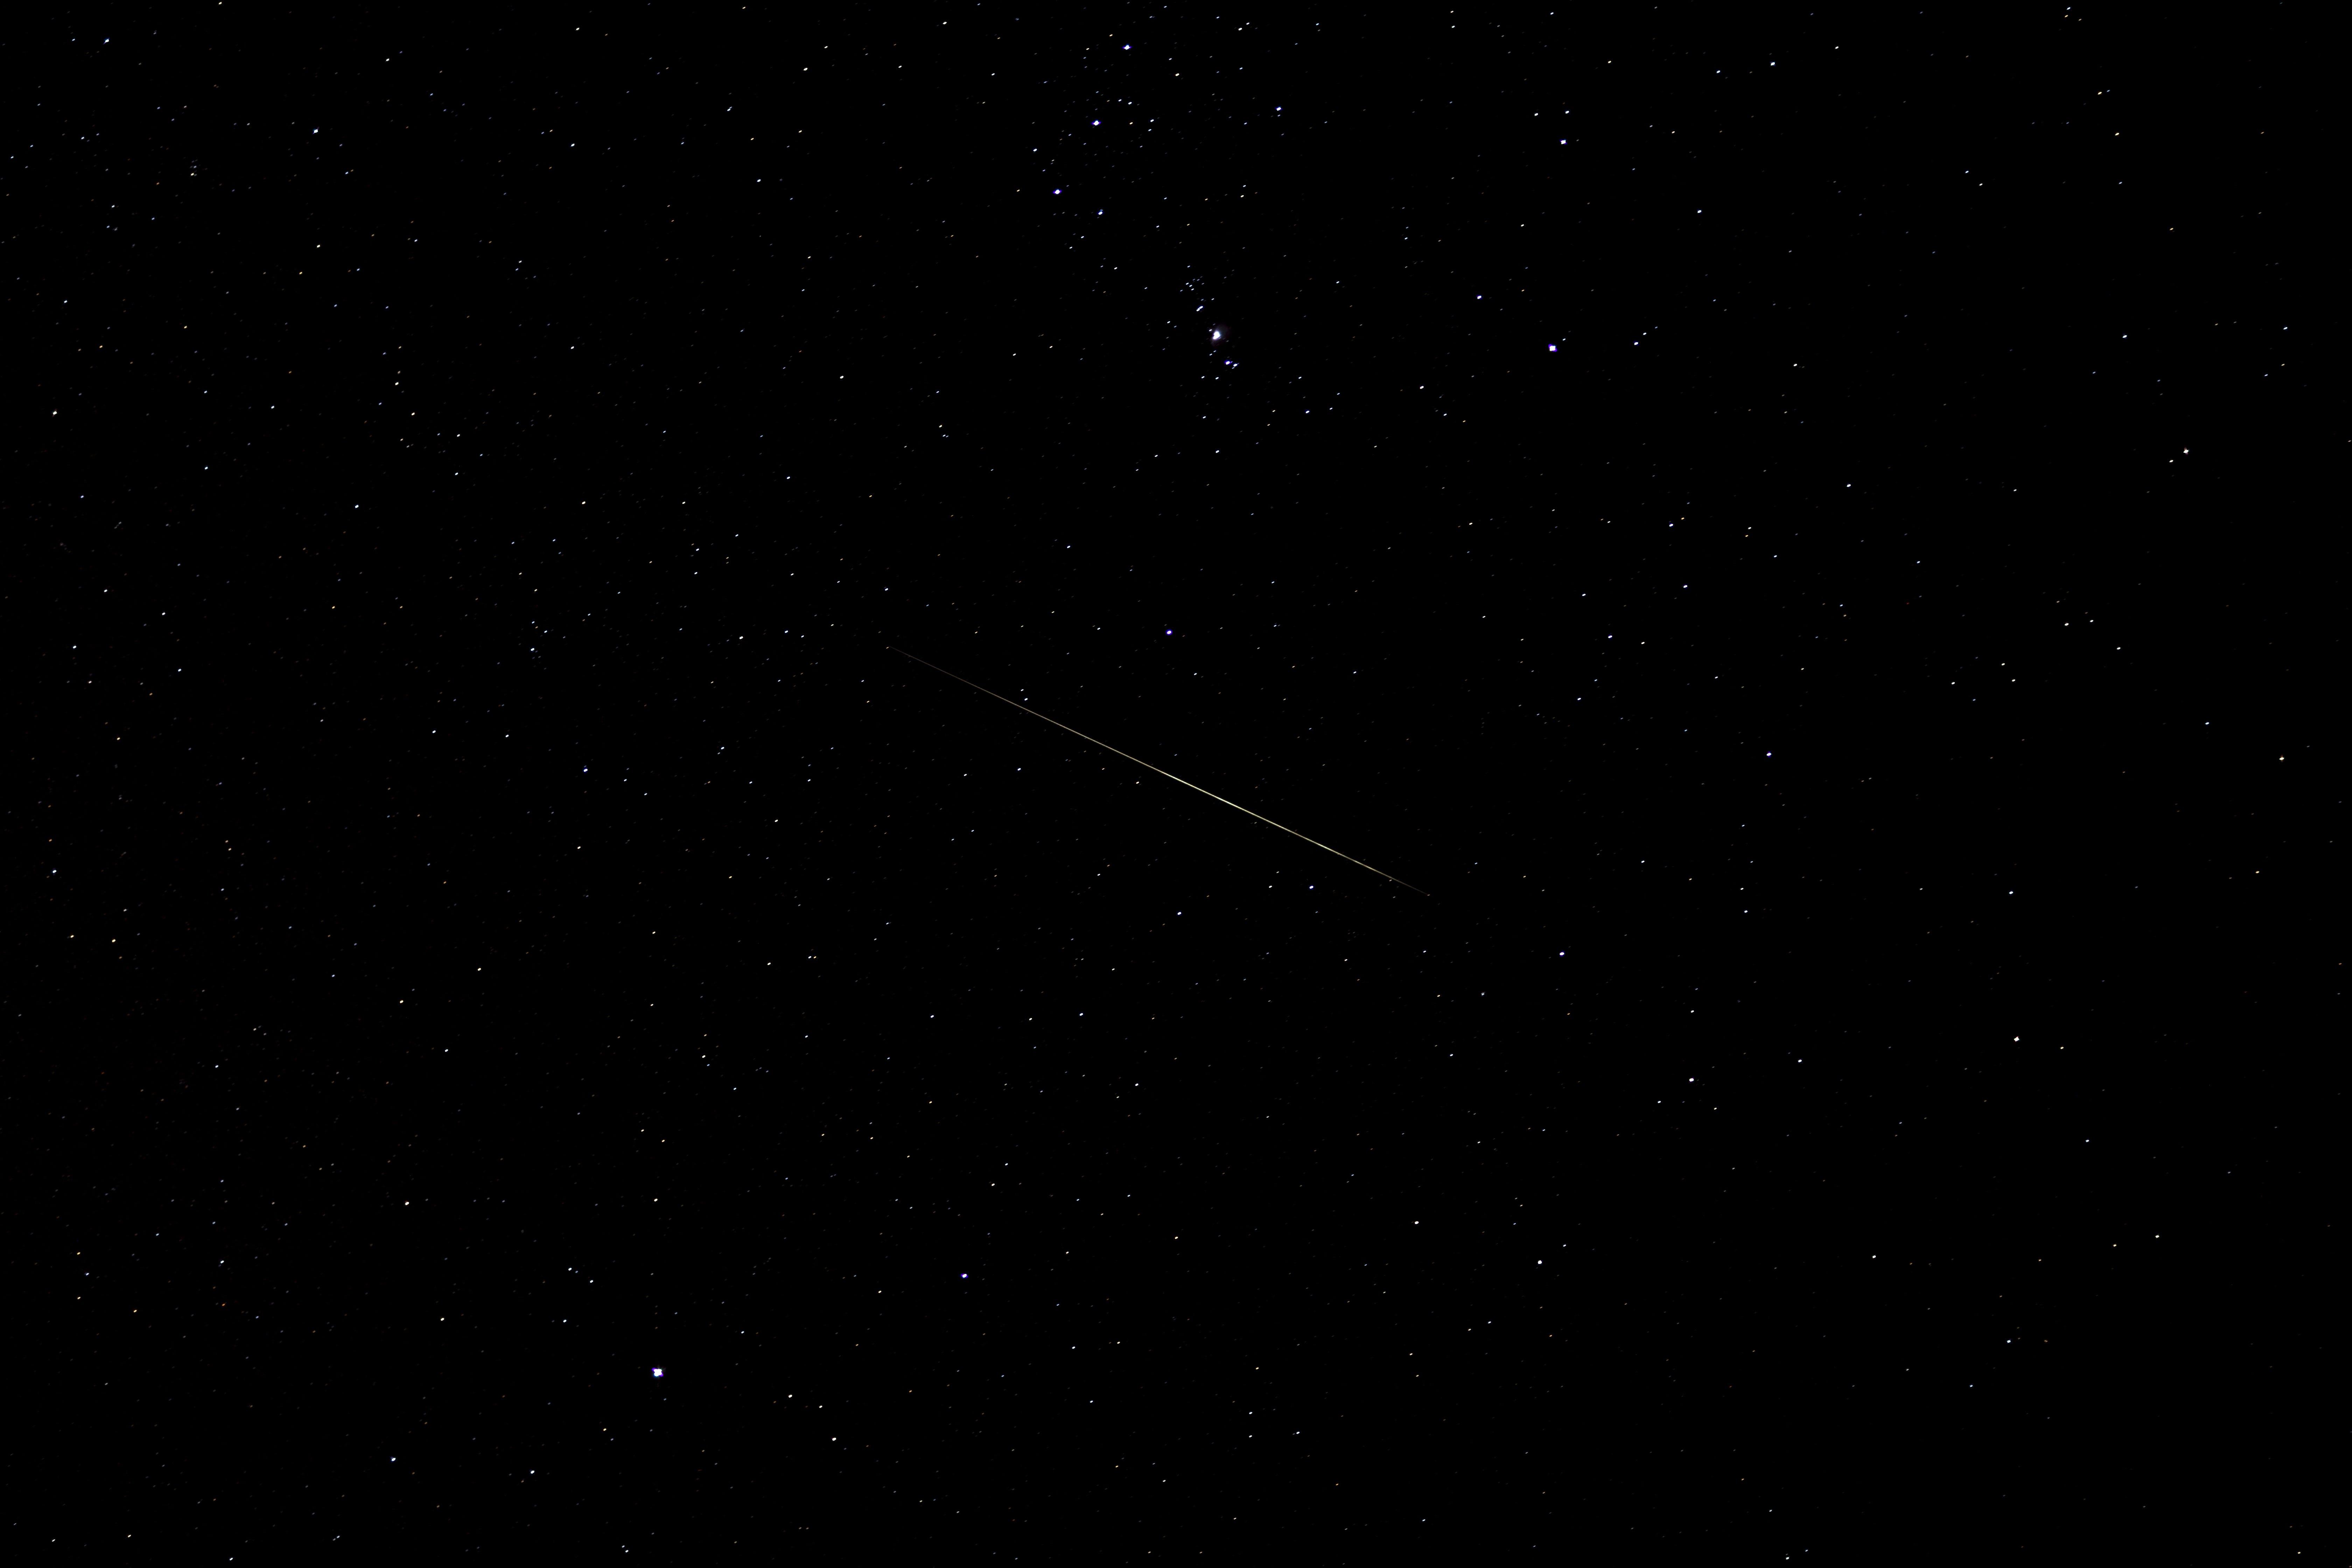 Immagine gratuita di astrologia, astronomia, cielo, cielo stellato